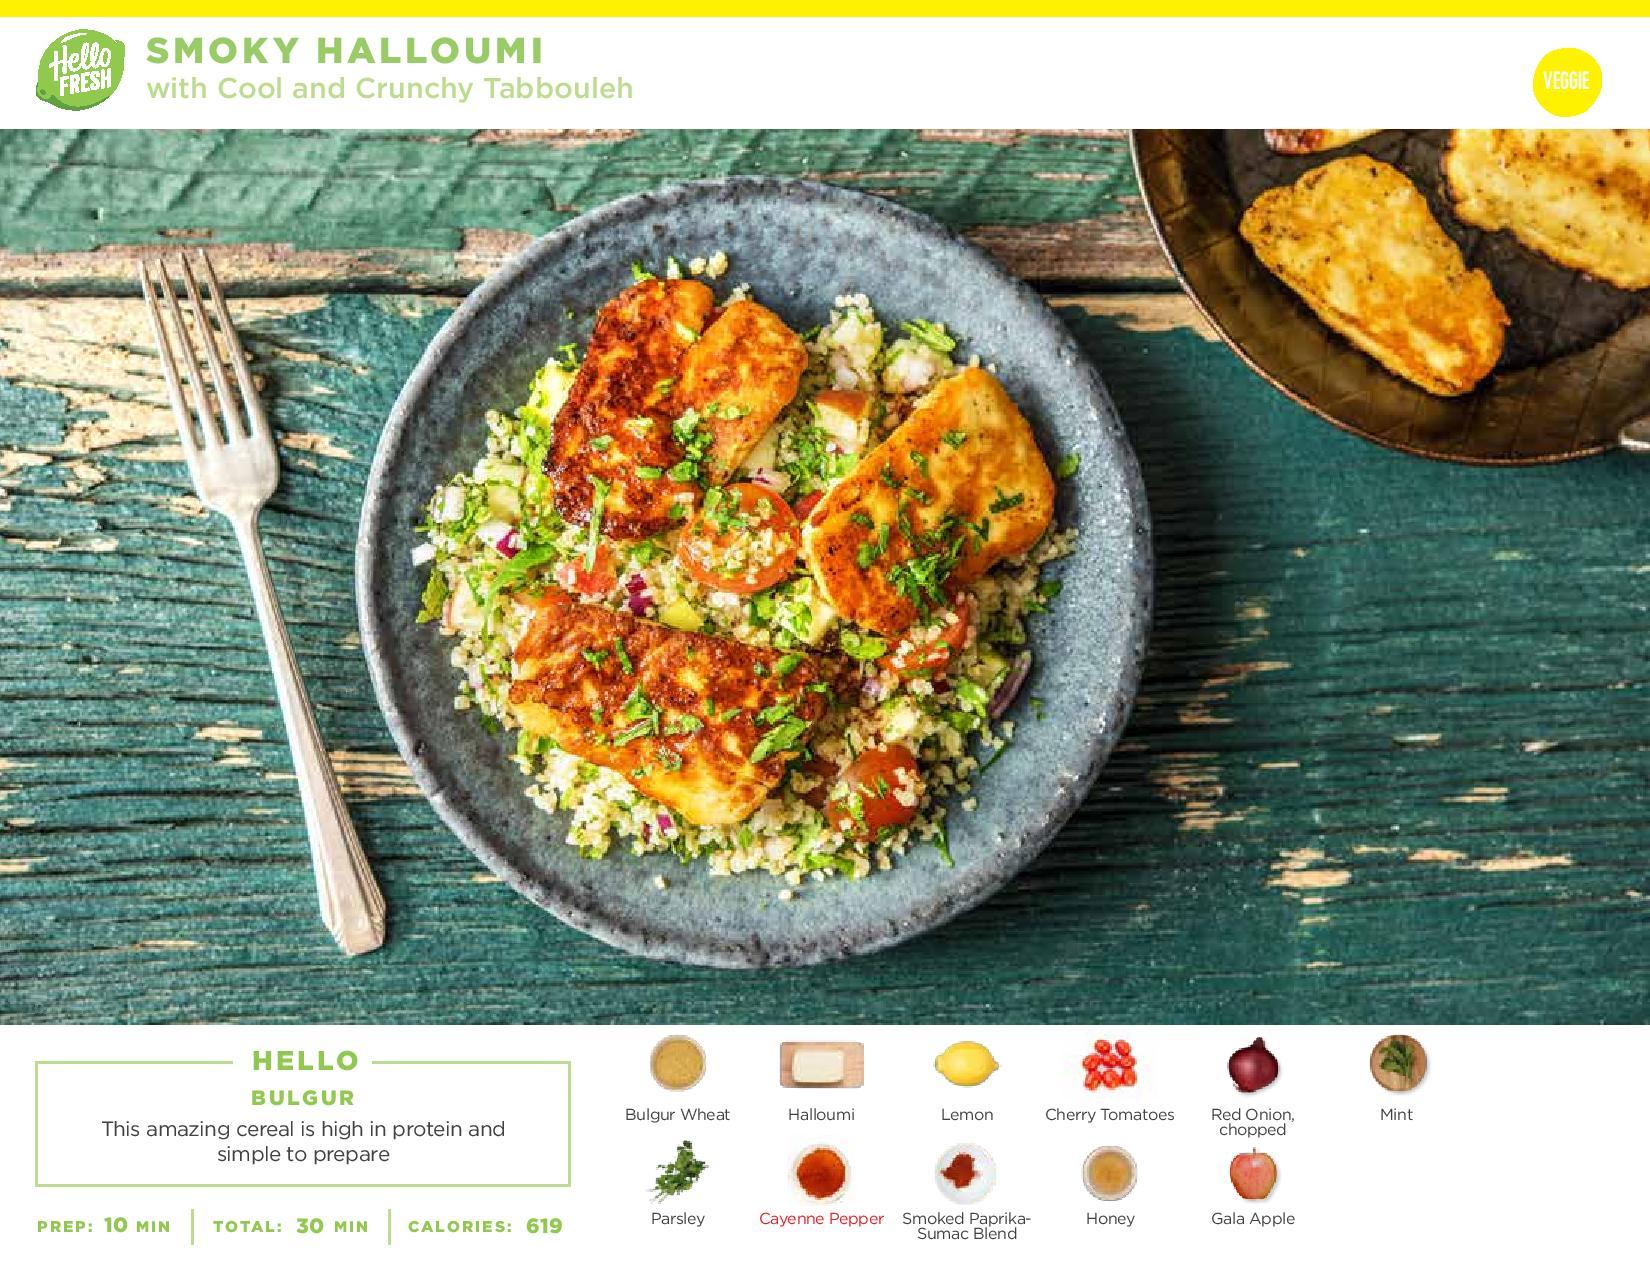 smoky-halloumi-eaf20cd2-page-001.jpg